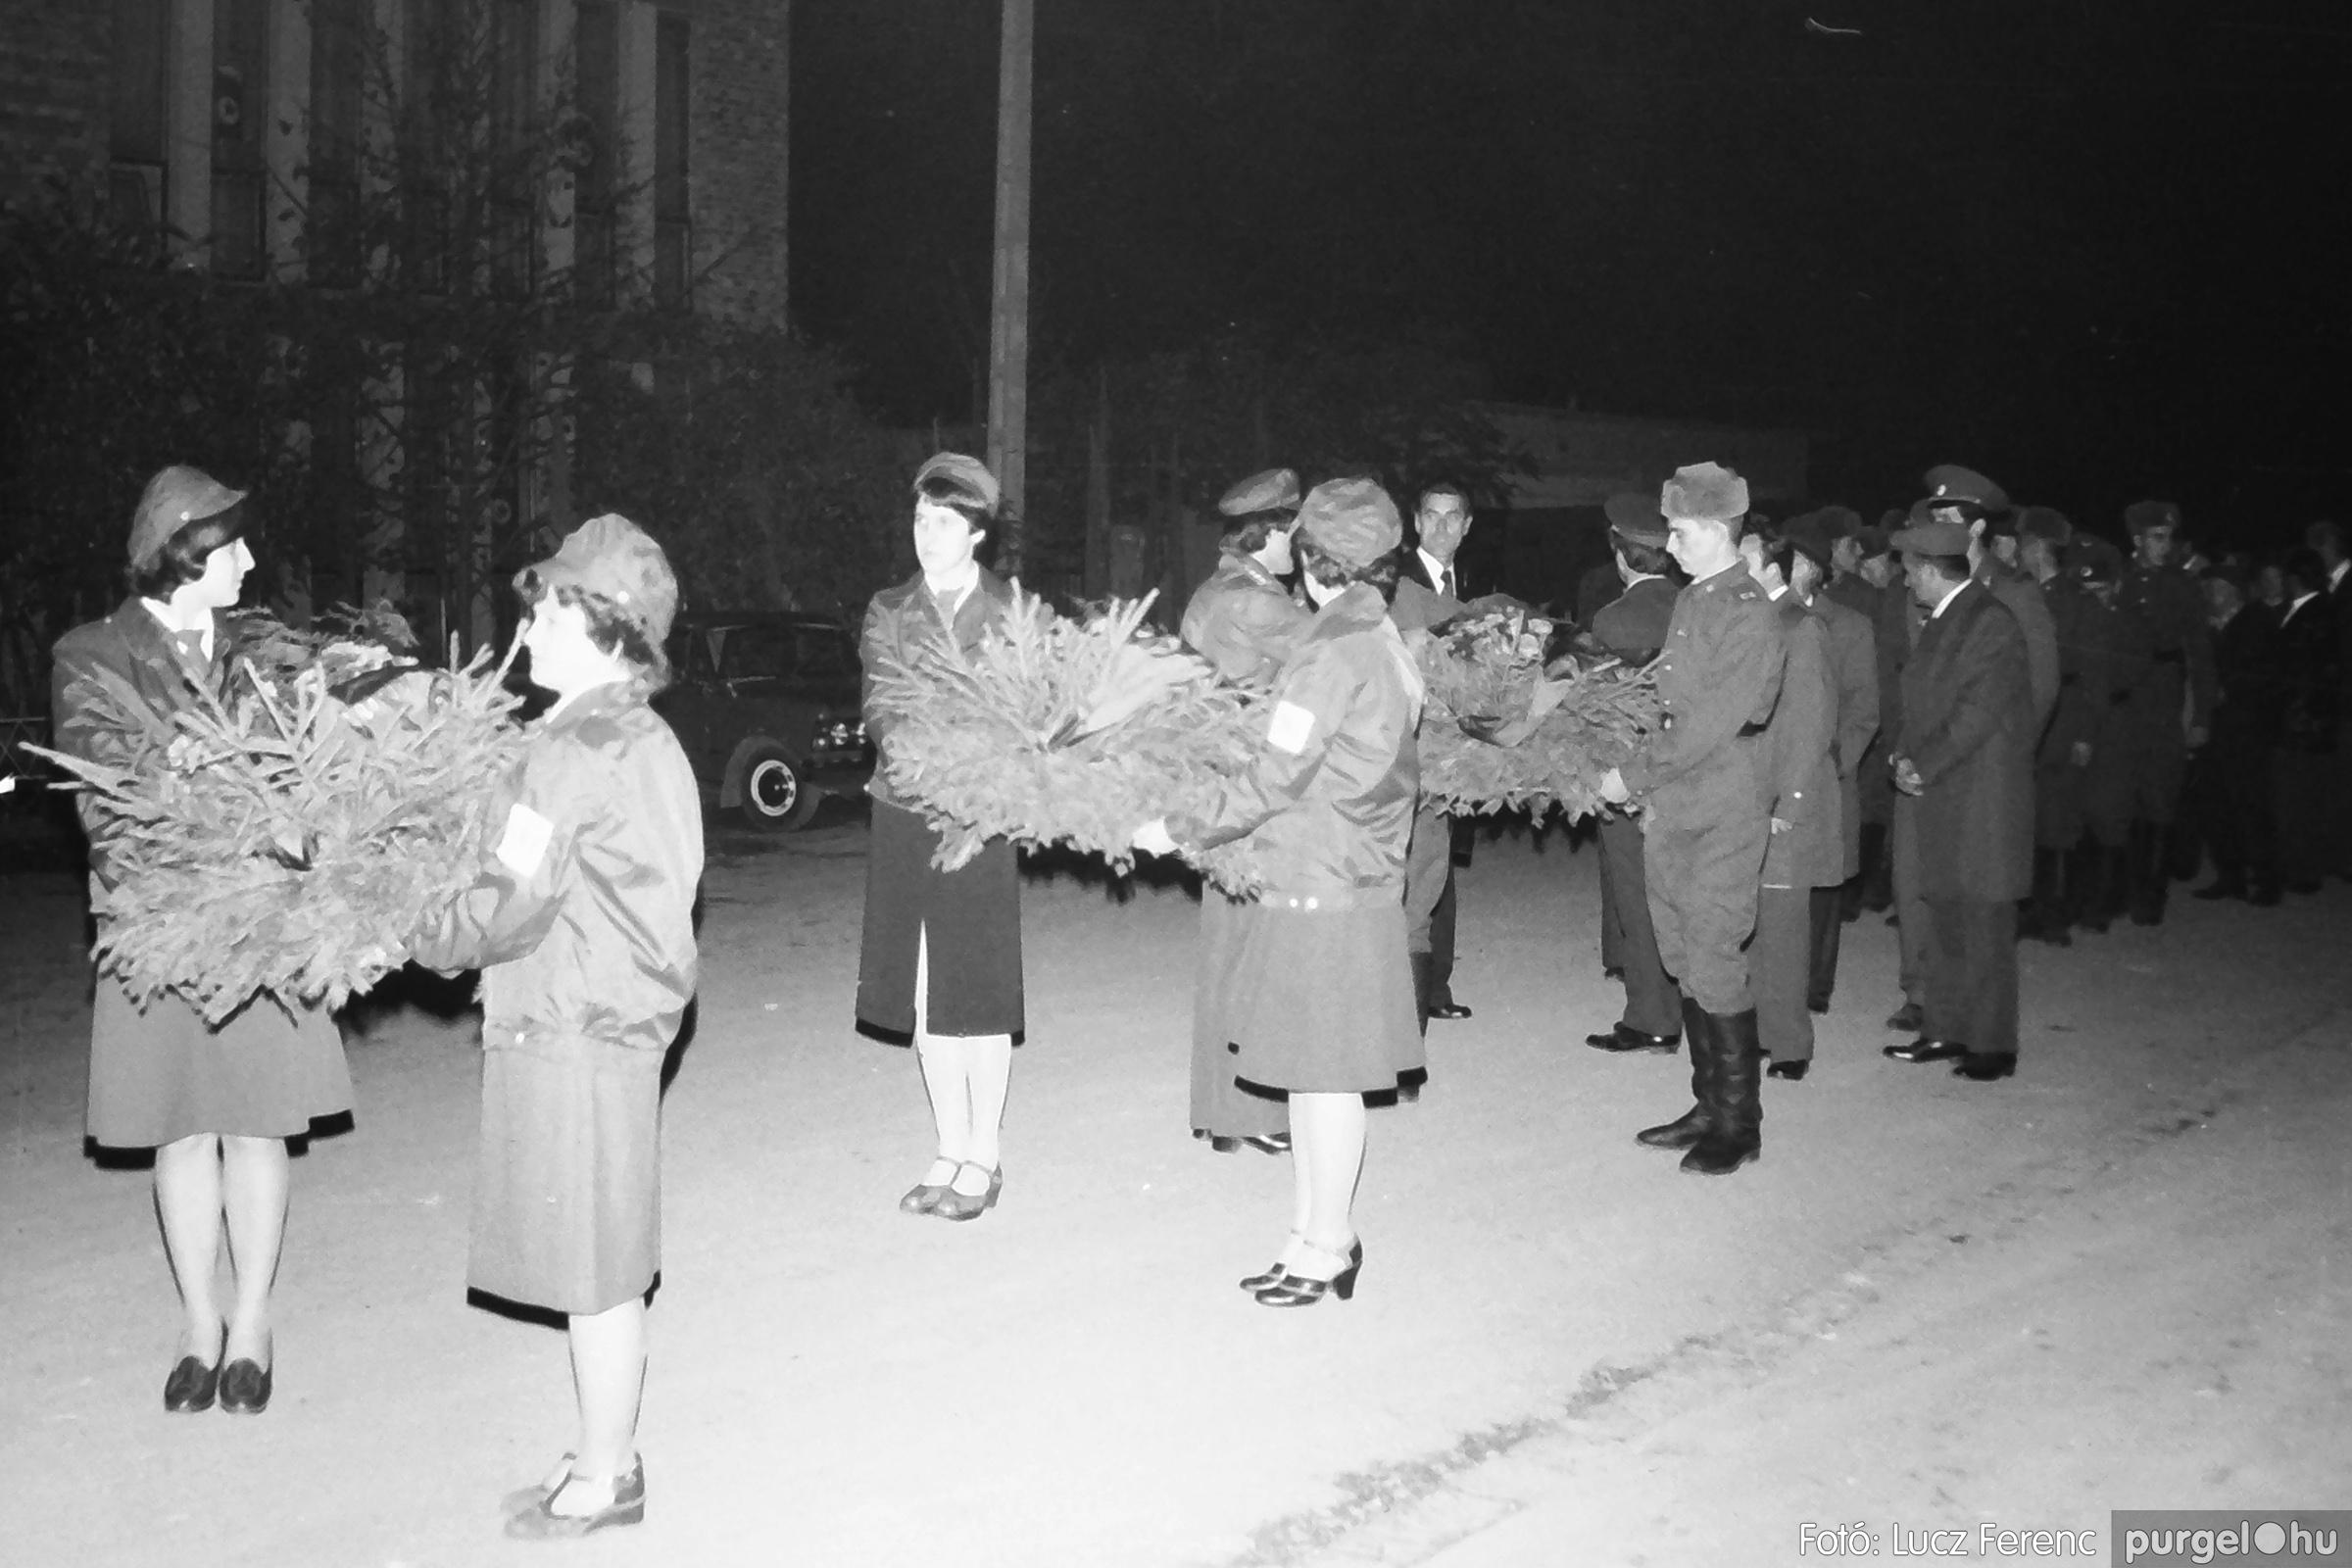 094. 1977.11.07. November 7-i ünnepség 001. - Fotó: Lucz Ferenc.jpg